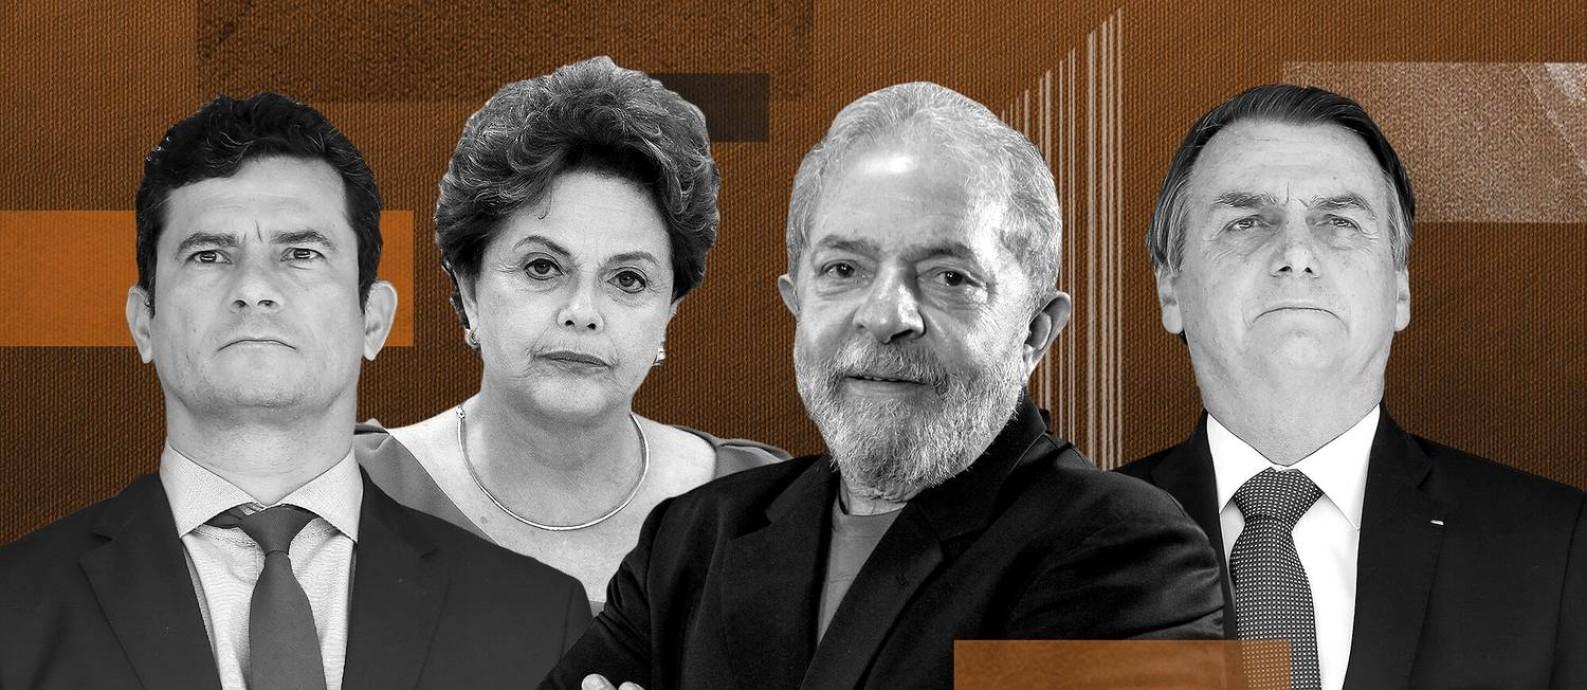 Personagens políticos que orbitam o ex-presidente Lula após condenação na Lava-Jato Foto: Arte/O Globo